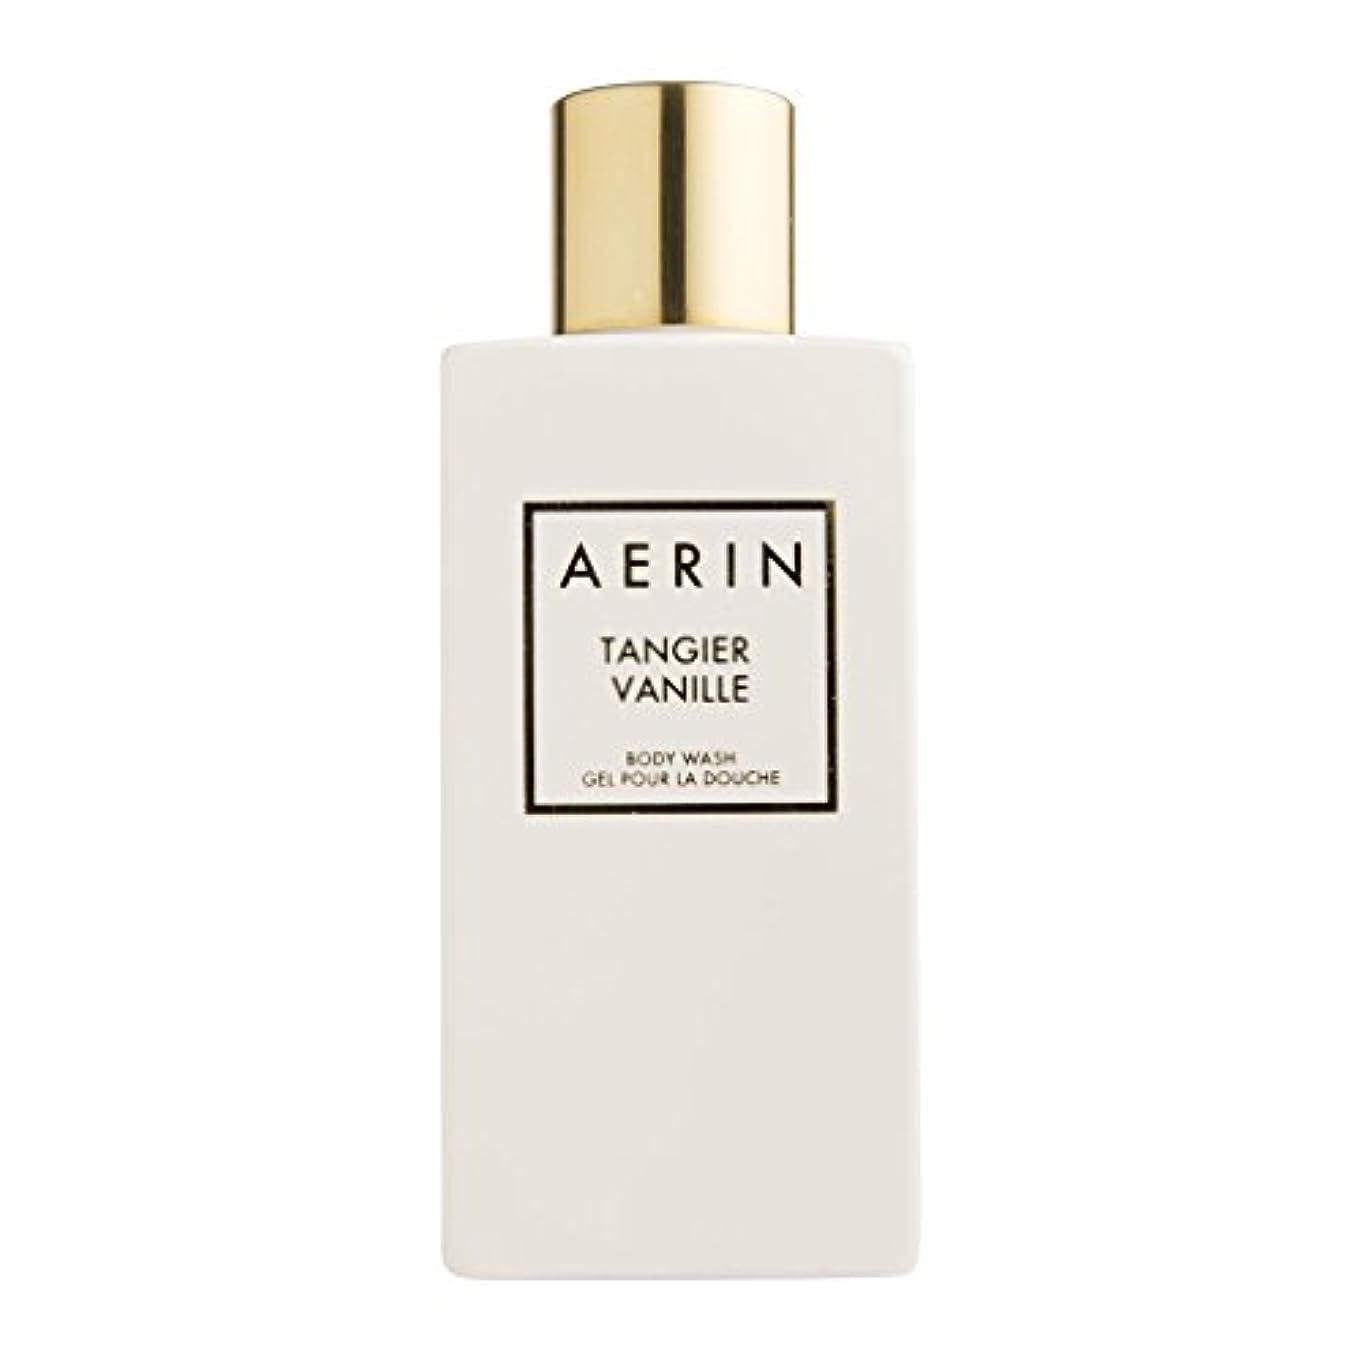 肘さようならミンチAERIN Tangier Vanille (アエリン タンジヤー バニール) 7.6 oz (228ml) Body Wash ボディーウオッシュ by Estee Lauder for Women